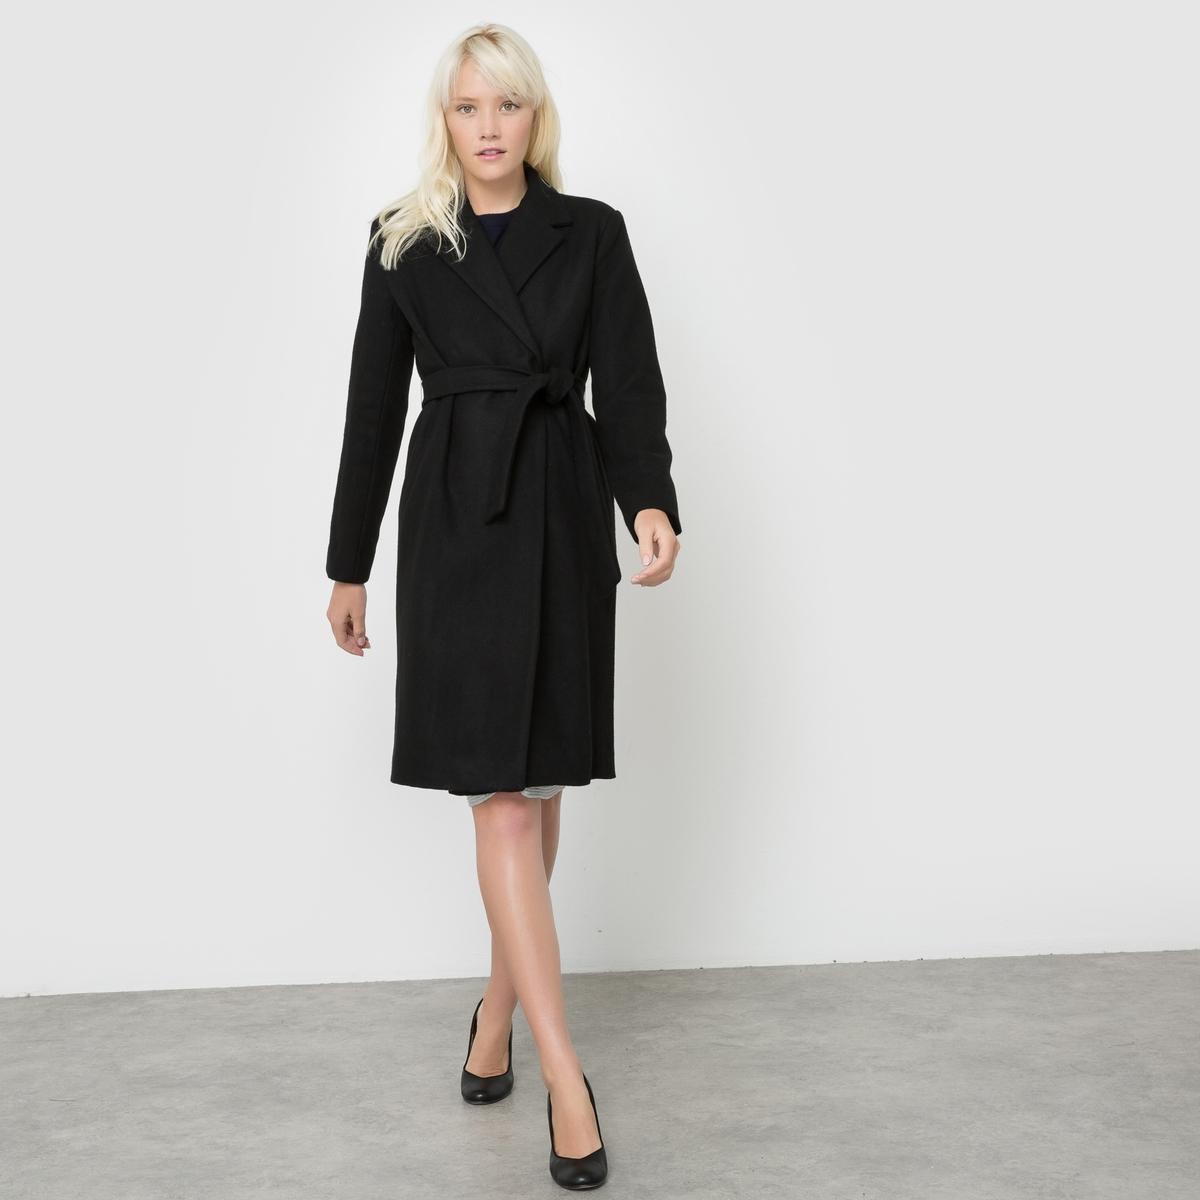 Пальто удлиненное EUGENE с поясомУдлиненное пальто EUGENE от SUNCOO . Немного приталенное удлиненное пальто в стиле неоретро. Застежка на кнопки. Завязывается на талии. 2 кармана по бокам.Состав и описаниеМарка : SUNCOO.Материал :  60% шерсти, 40% полиэстераПодкладка : 100% полиэстерУходРучная стирка<br><br>Цвет: черный<br>Размер: M